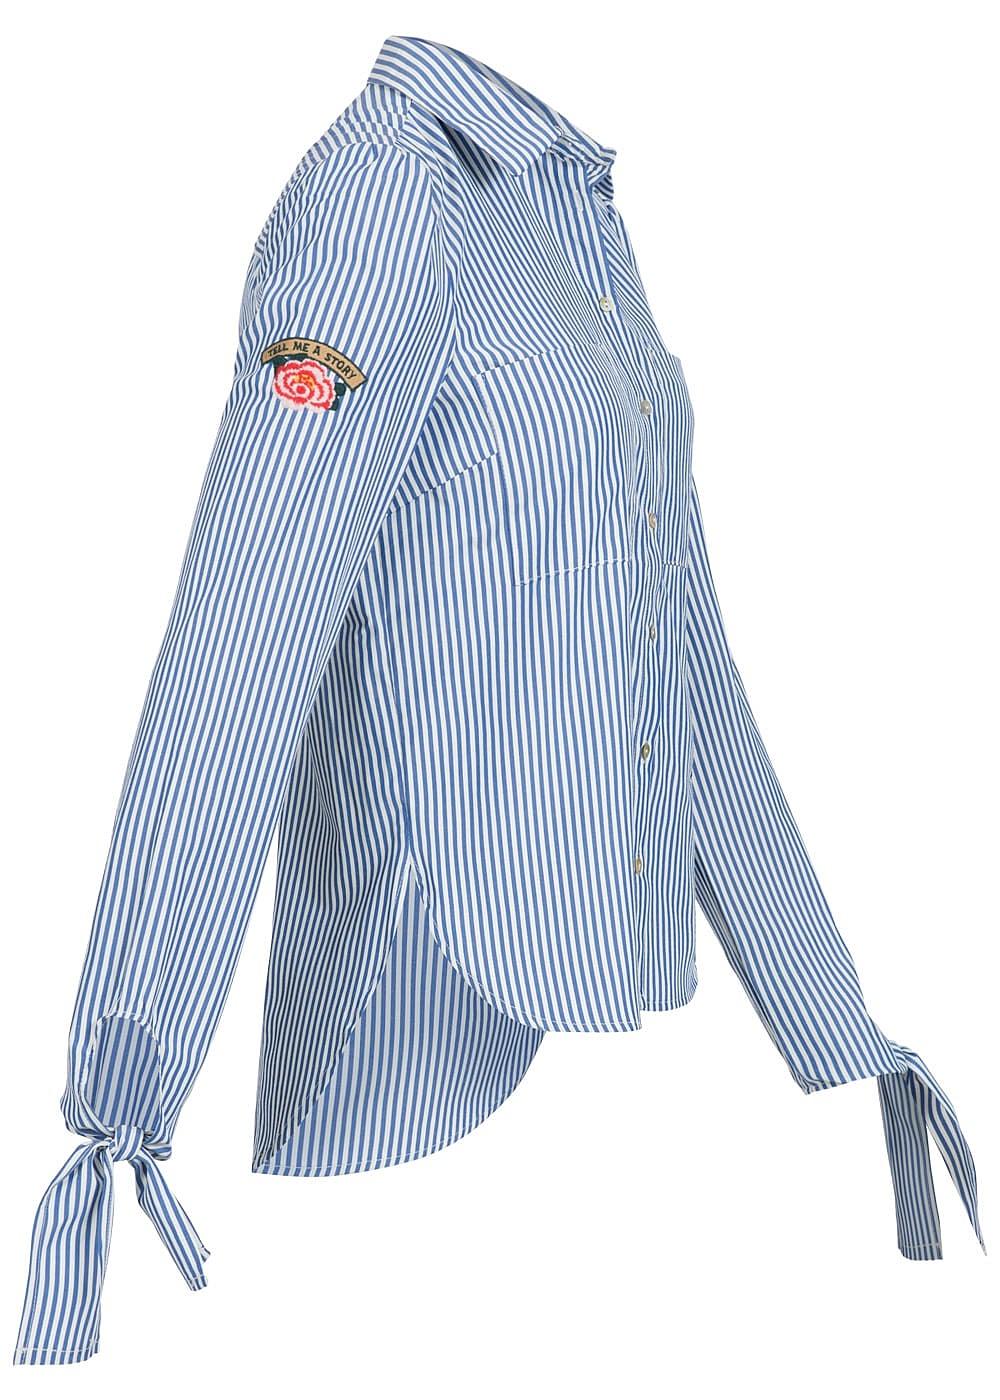 hailys damen bluse 3 4 rmel zum binden 2 brusttaschen stickerei gestreift blau weiss 77onlineshop. Black Bedroom Furniture Sets. Home Design Ideas